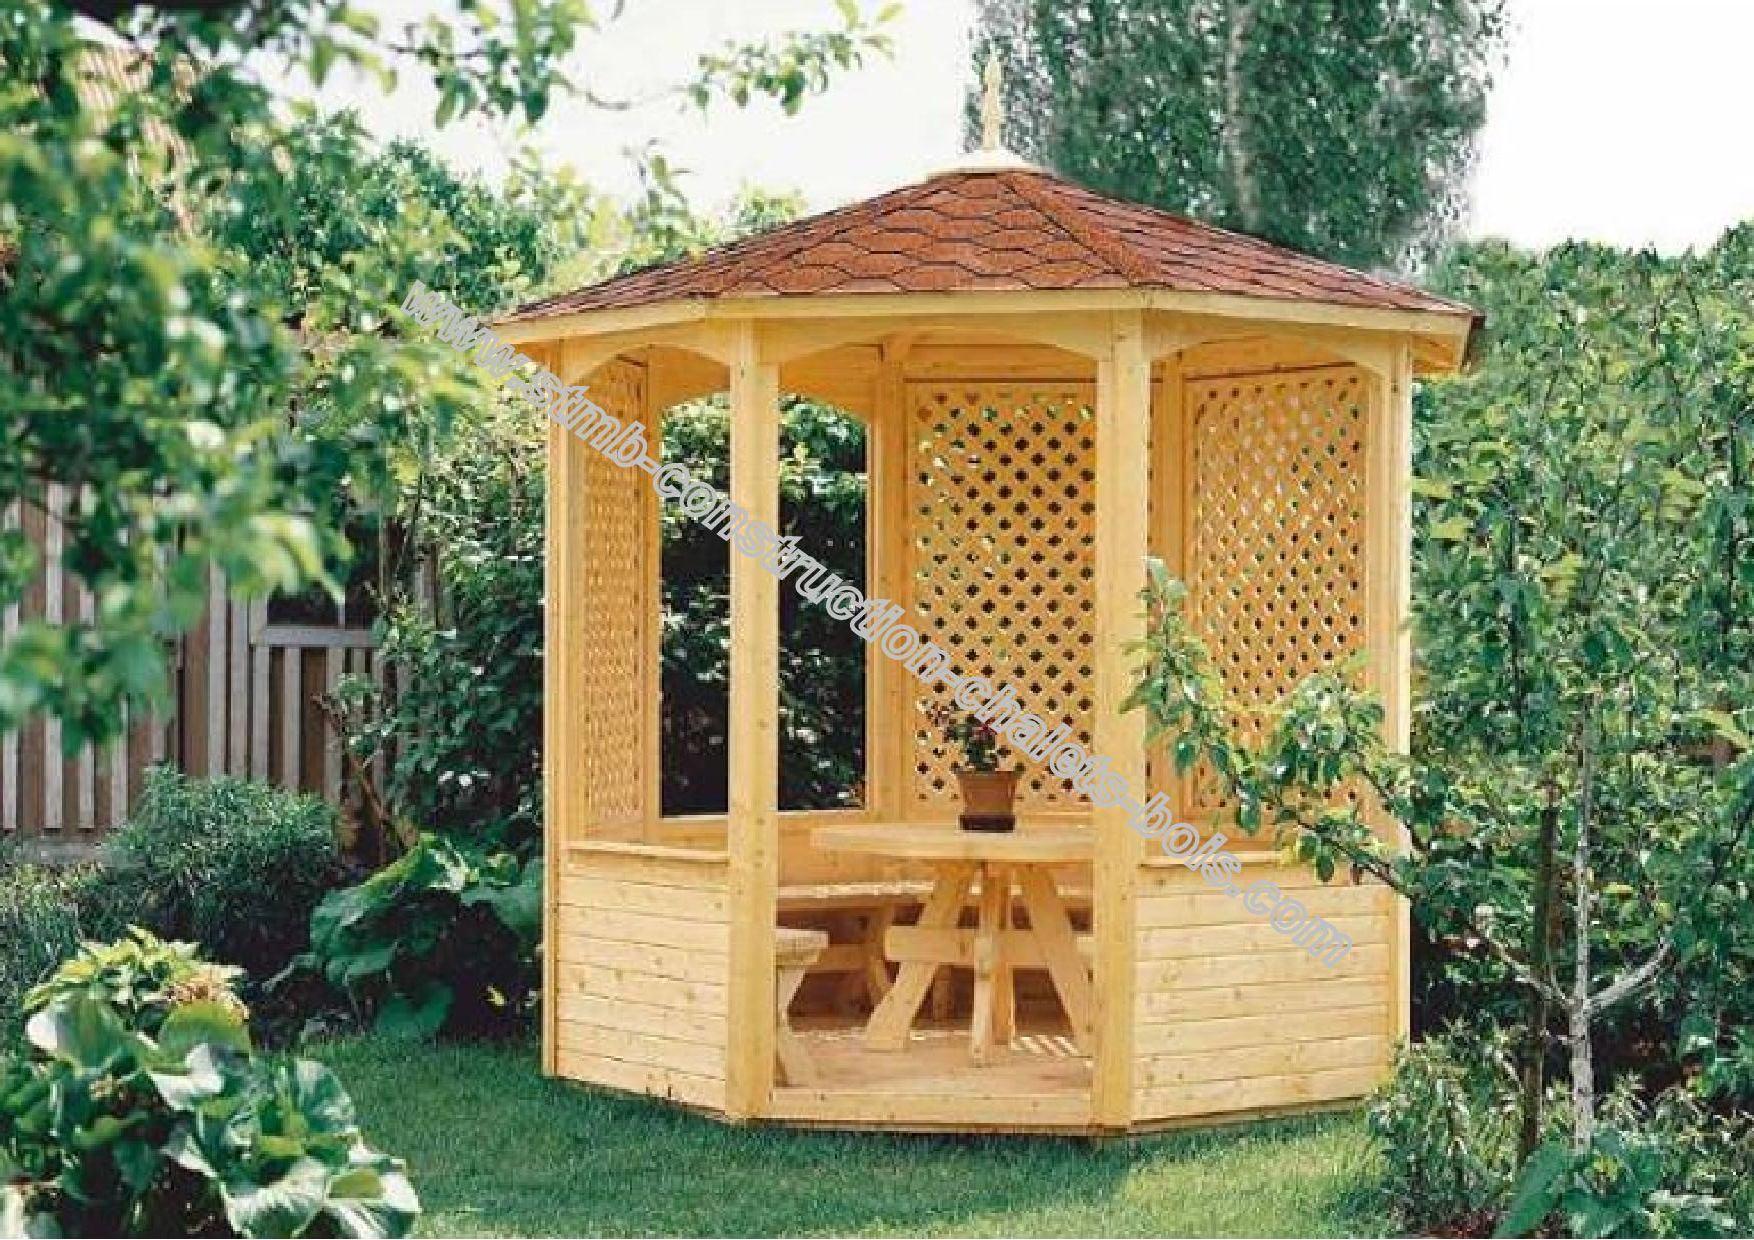 Gloriette Kiosque De Jardin Meilleures Idées Créatives Pour la Conception de la Maison